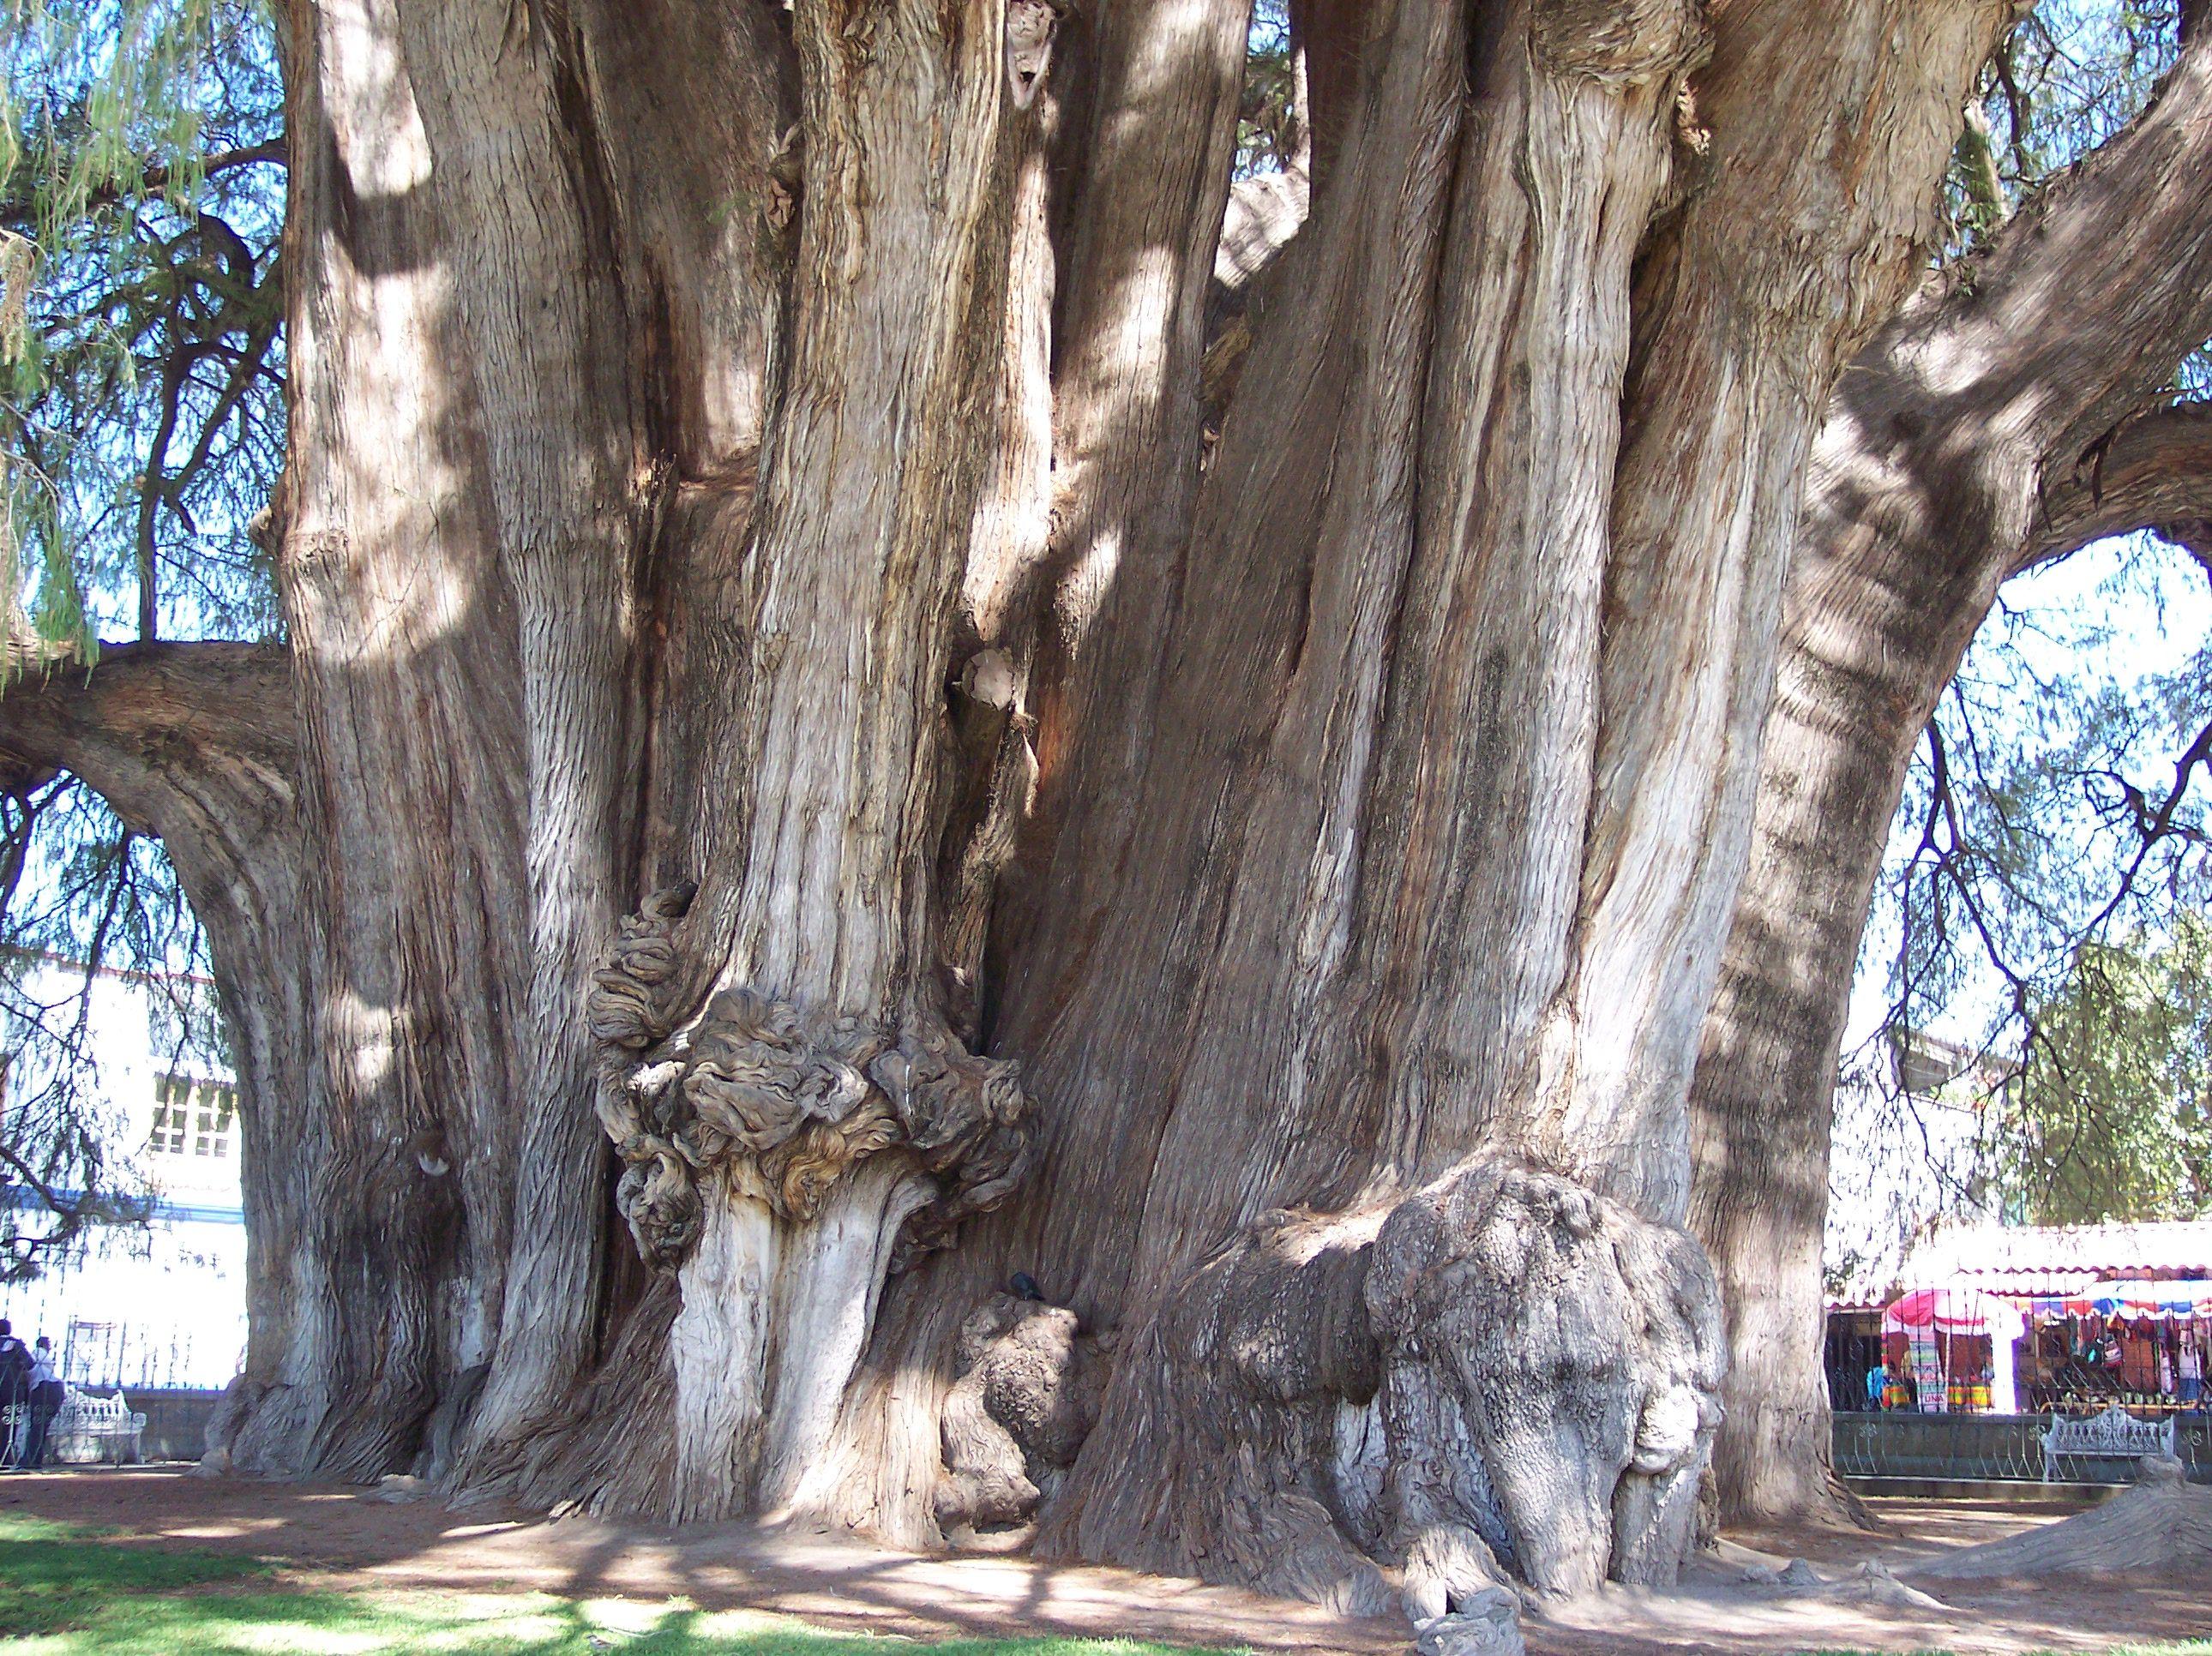 Les arbres les plus grands et les plus gros du monde for Les plus grands musees du monde